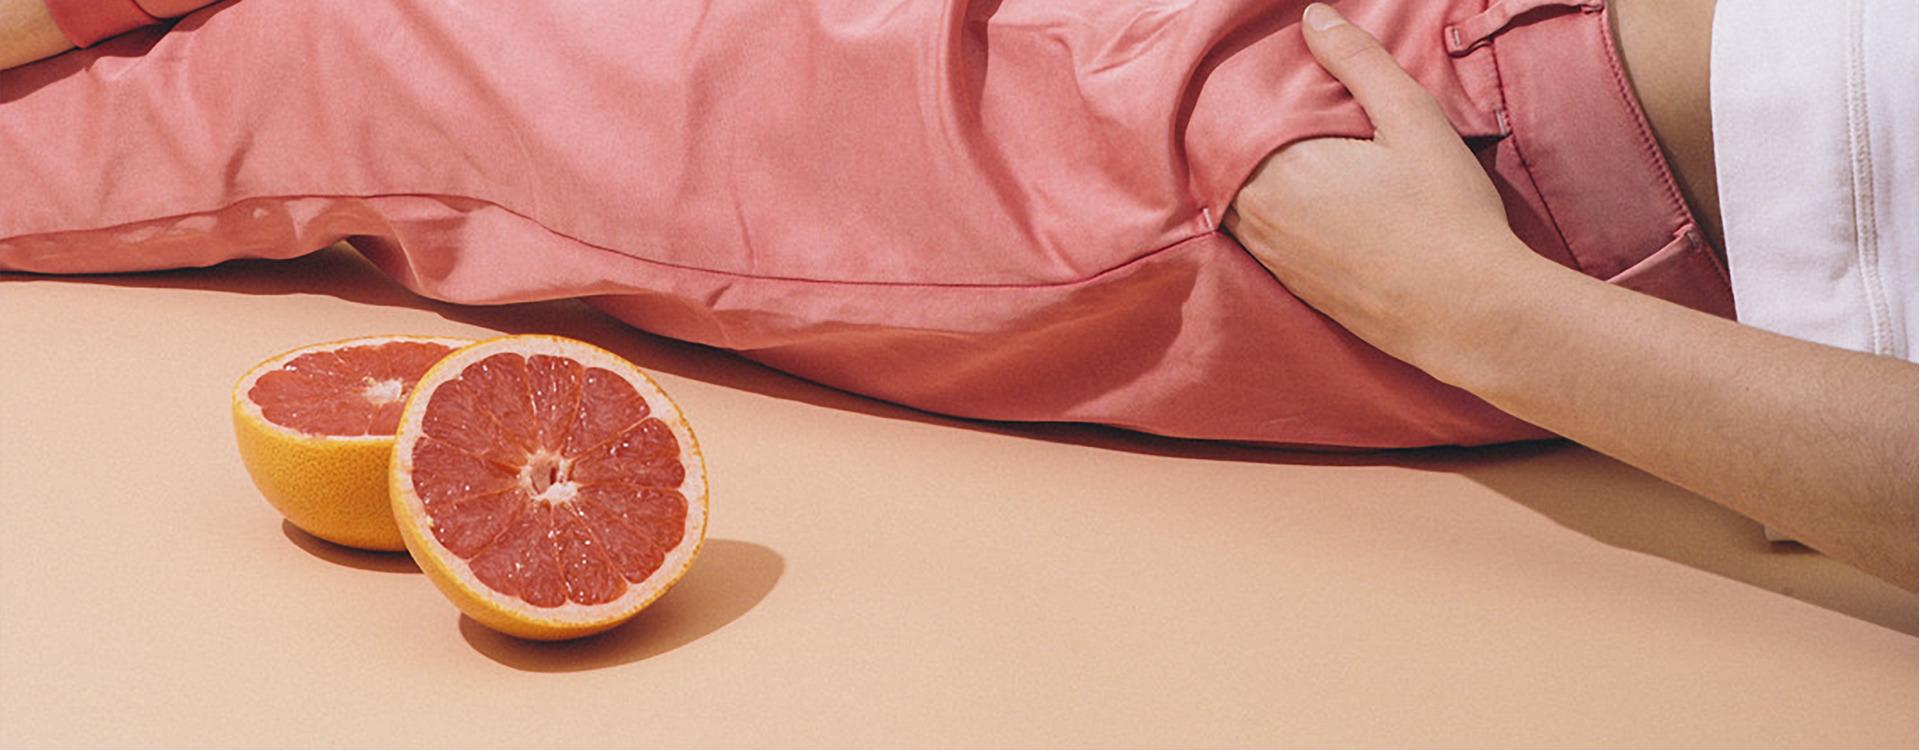 Conoce tu tipo de vulva y cómo obtener más placer